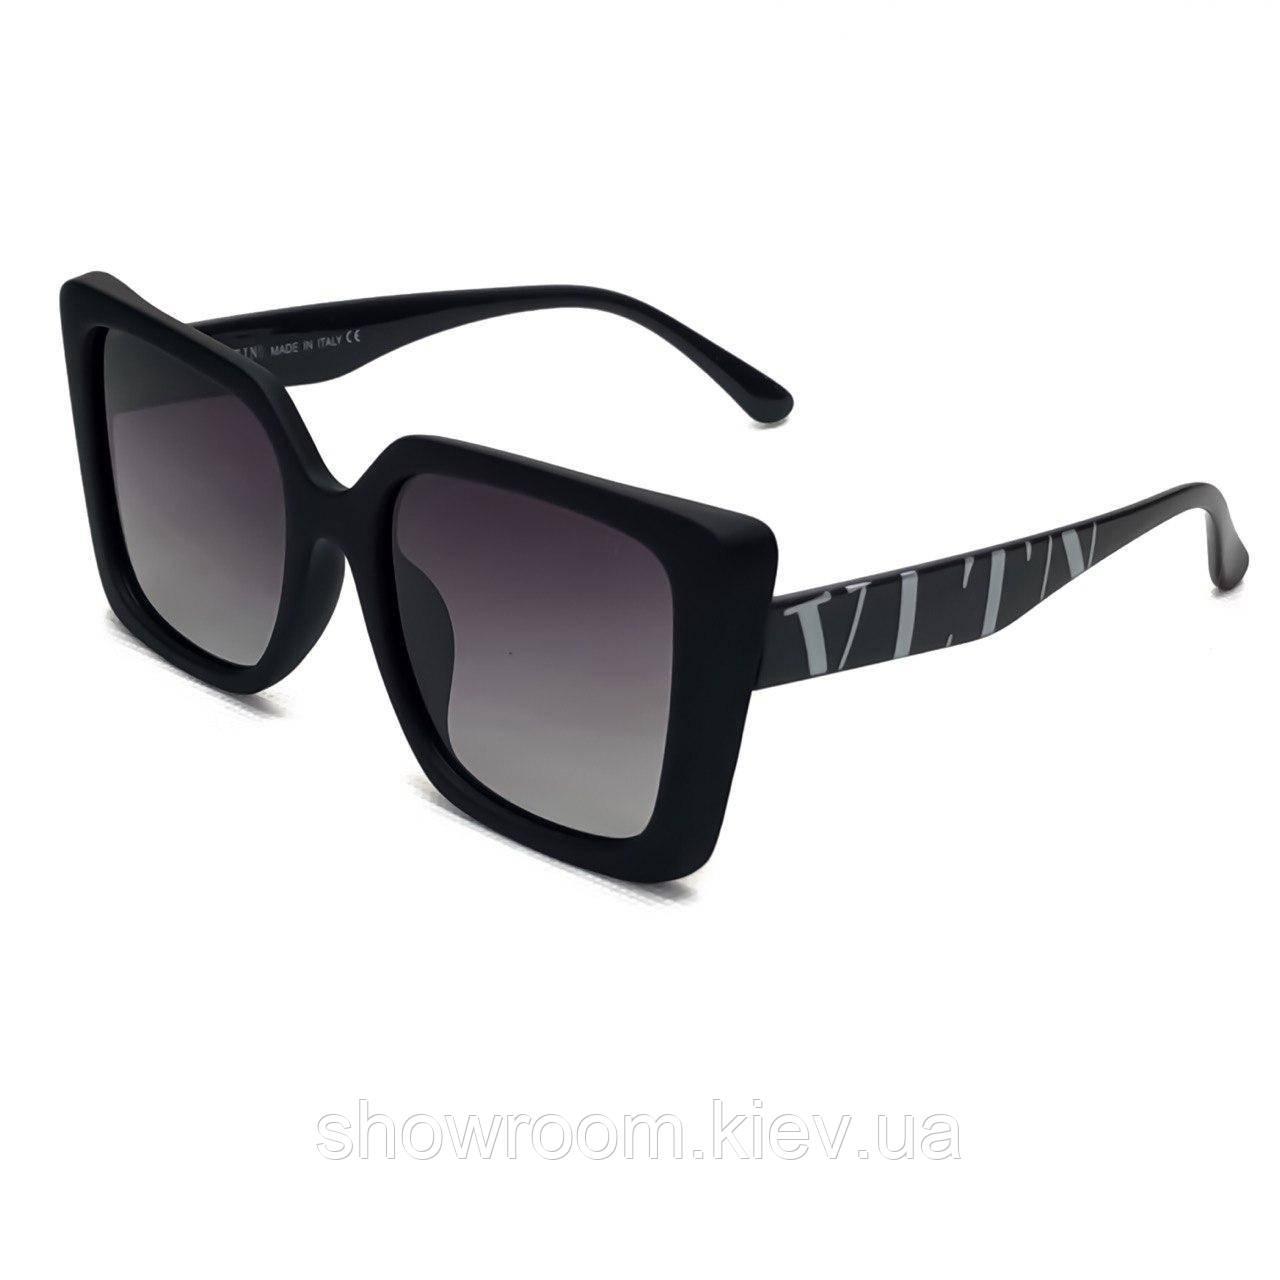 Женские солнцезащитные очки Valentino (2919) black